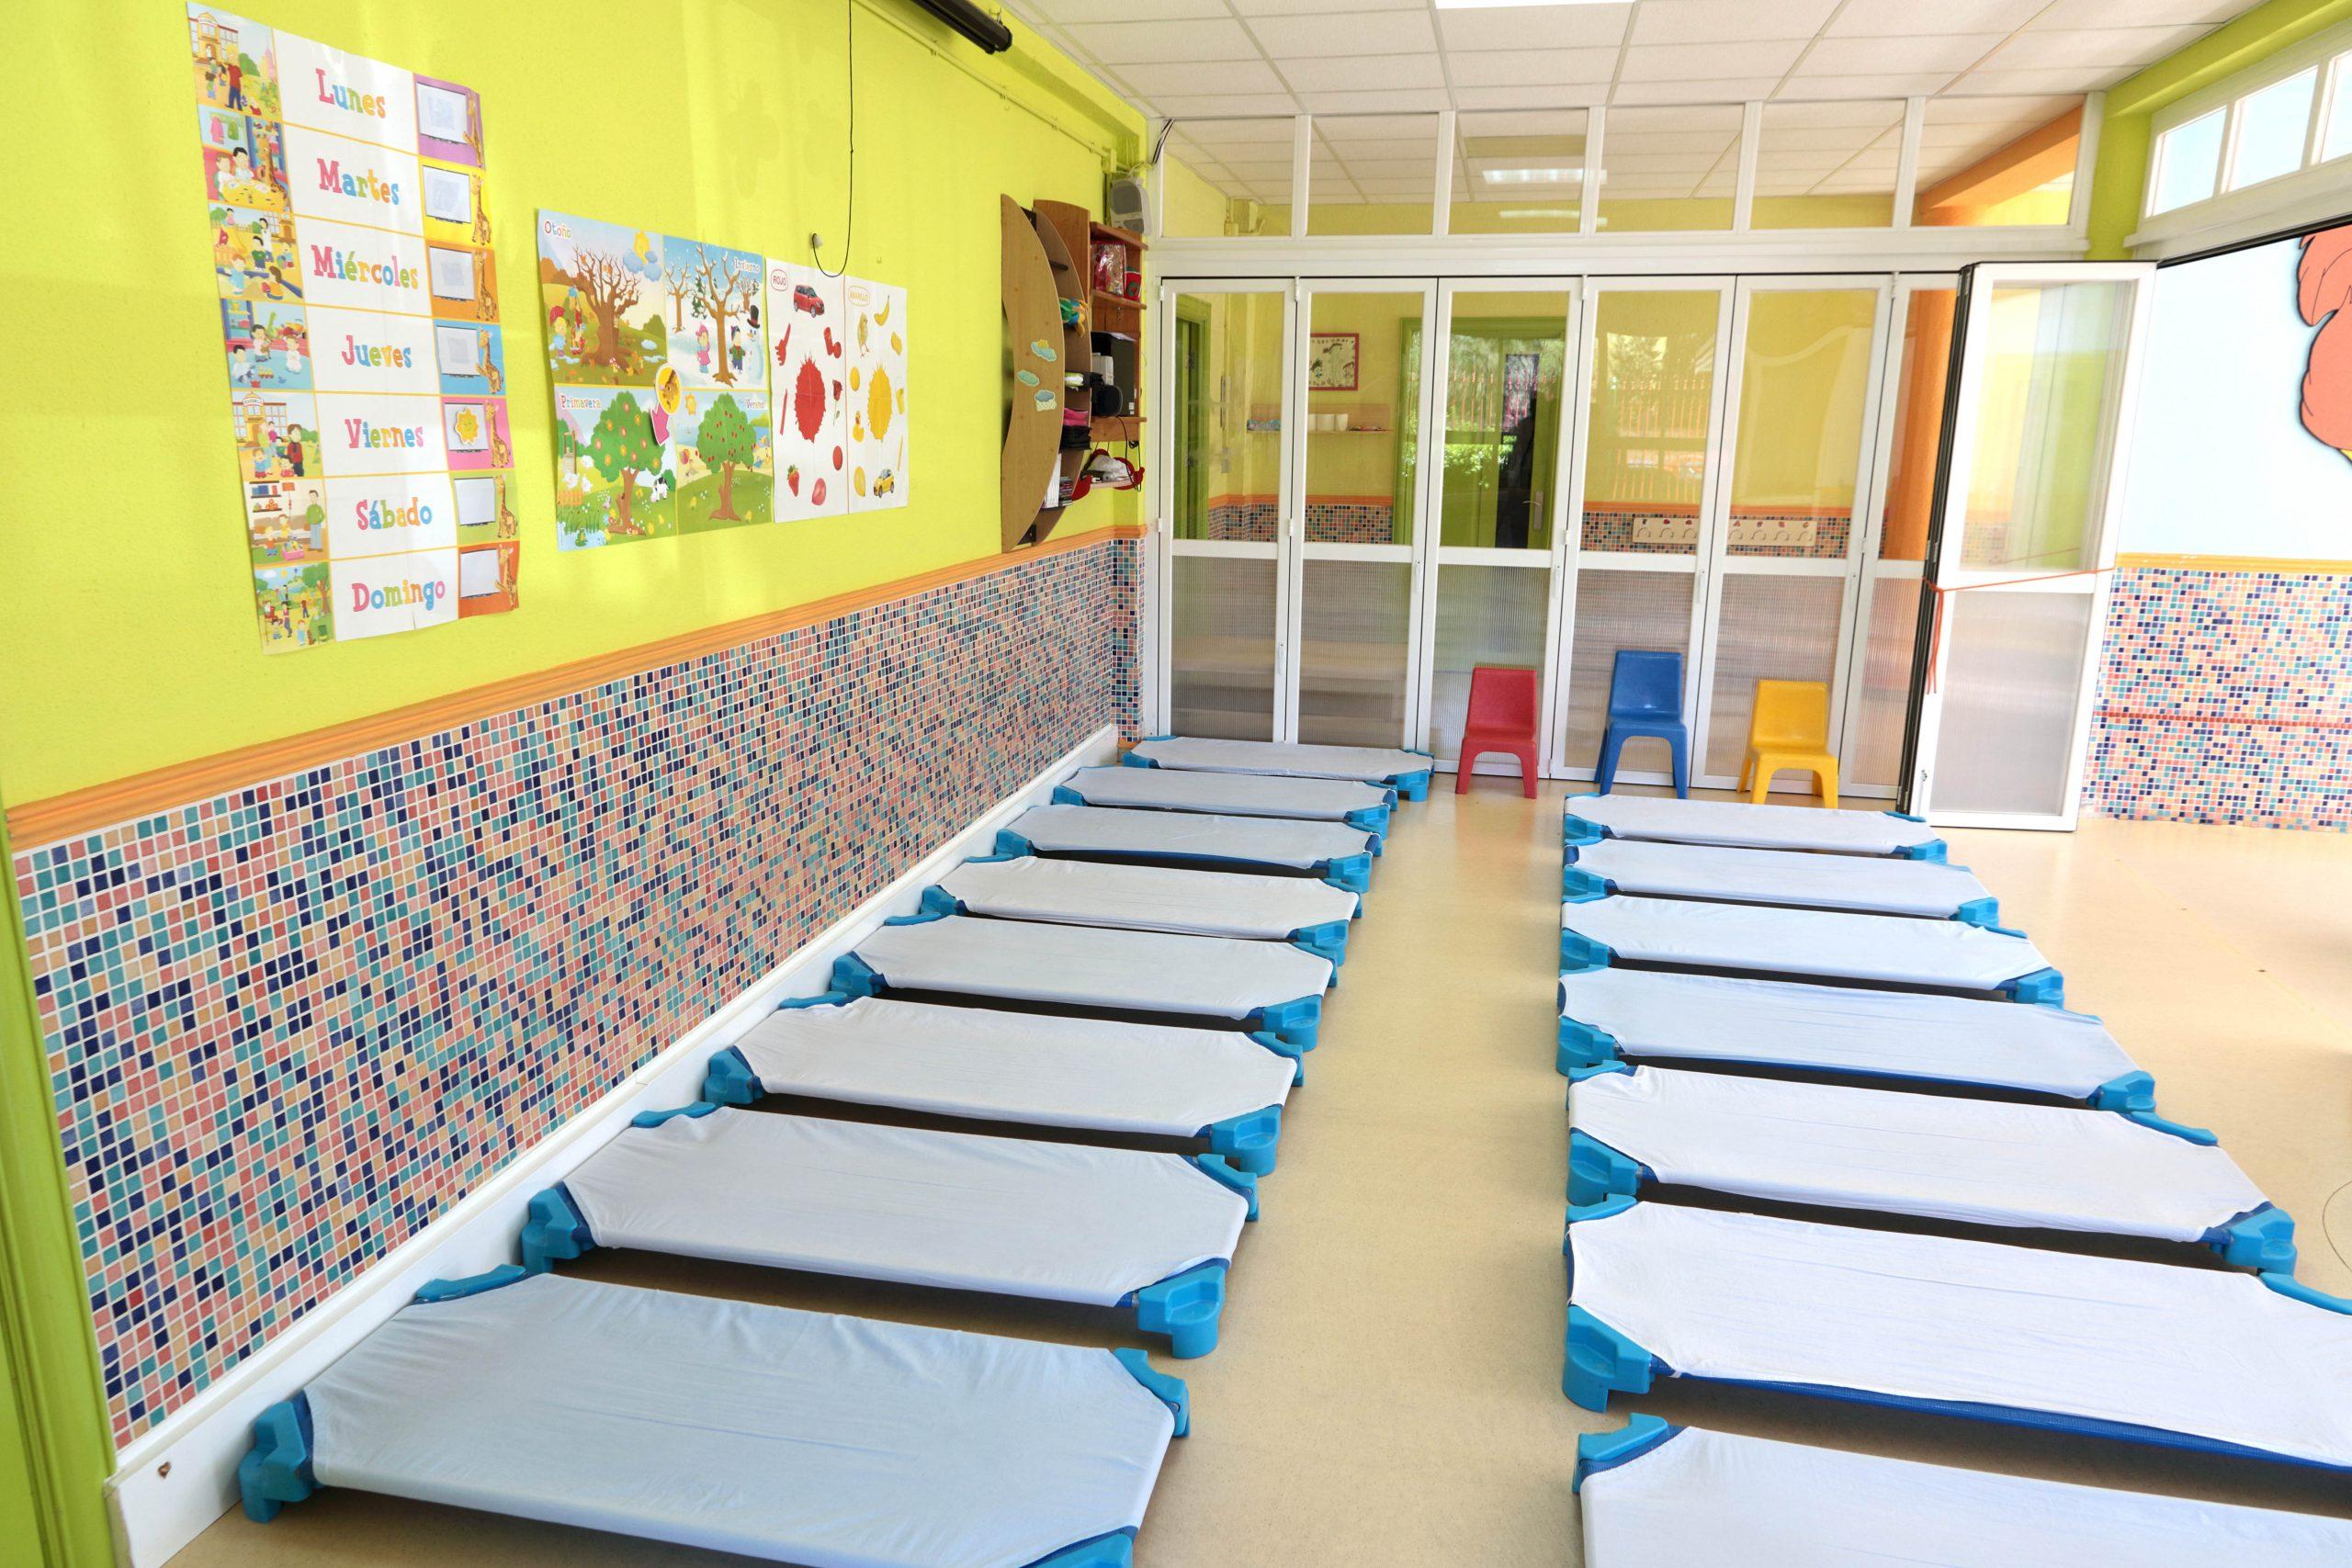 Camas individuales para dormir escuela infantil booma for Camas de dormir